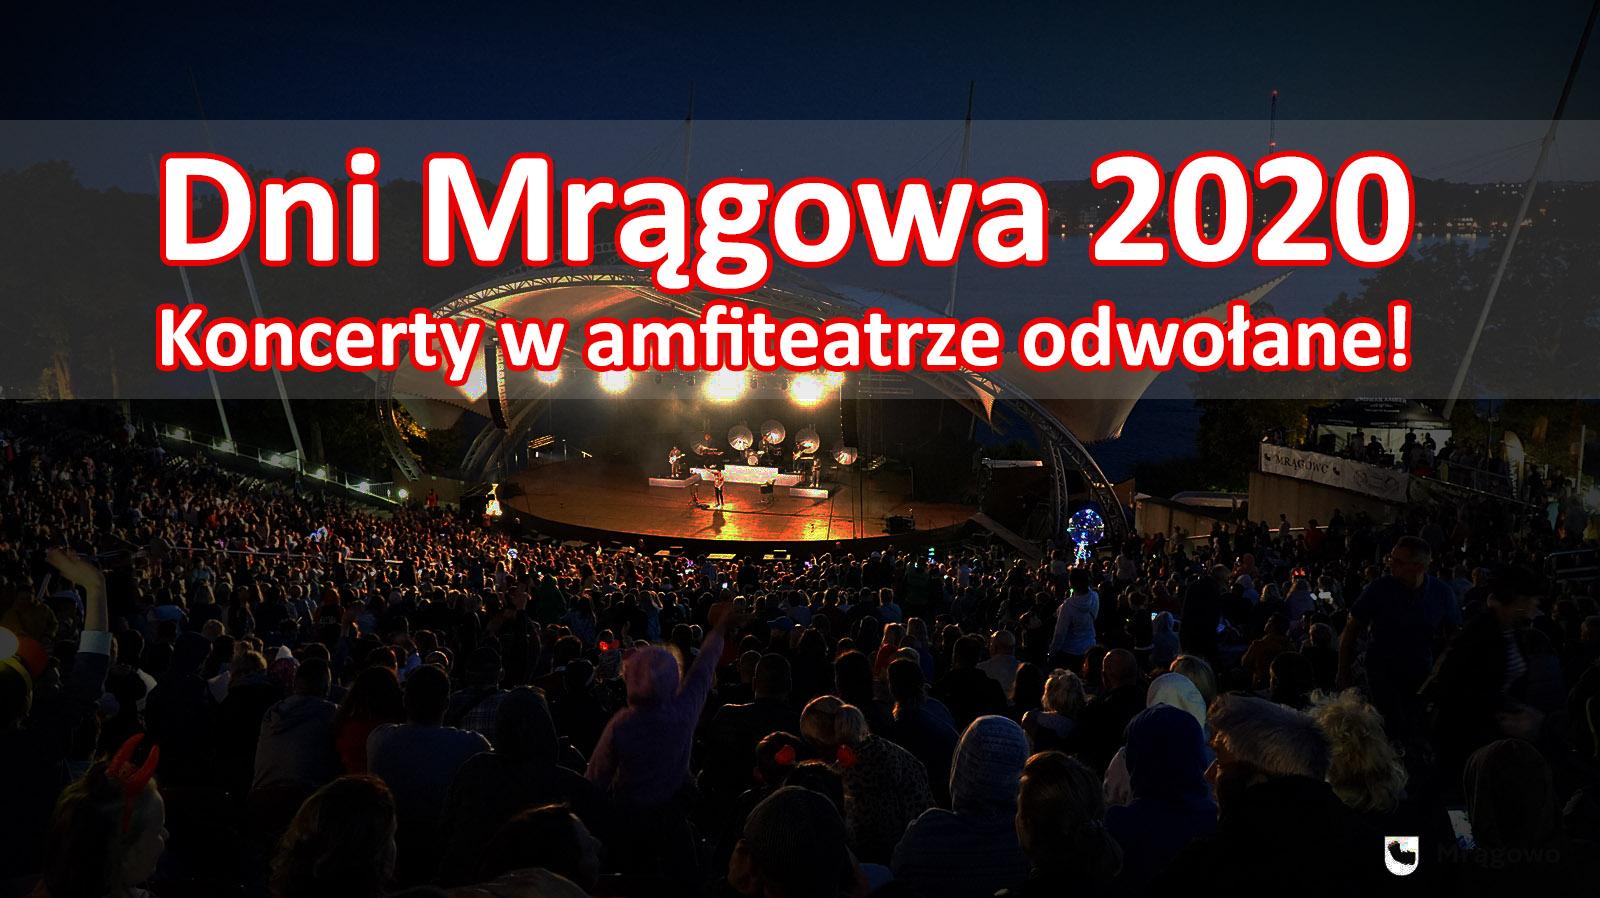 Dni Mrągowa 2020 bez dużych koncertów w amfiteatrze